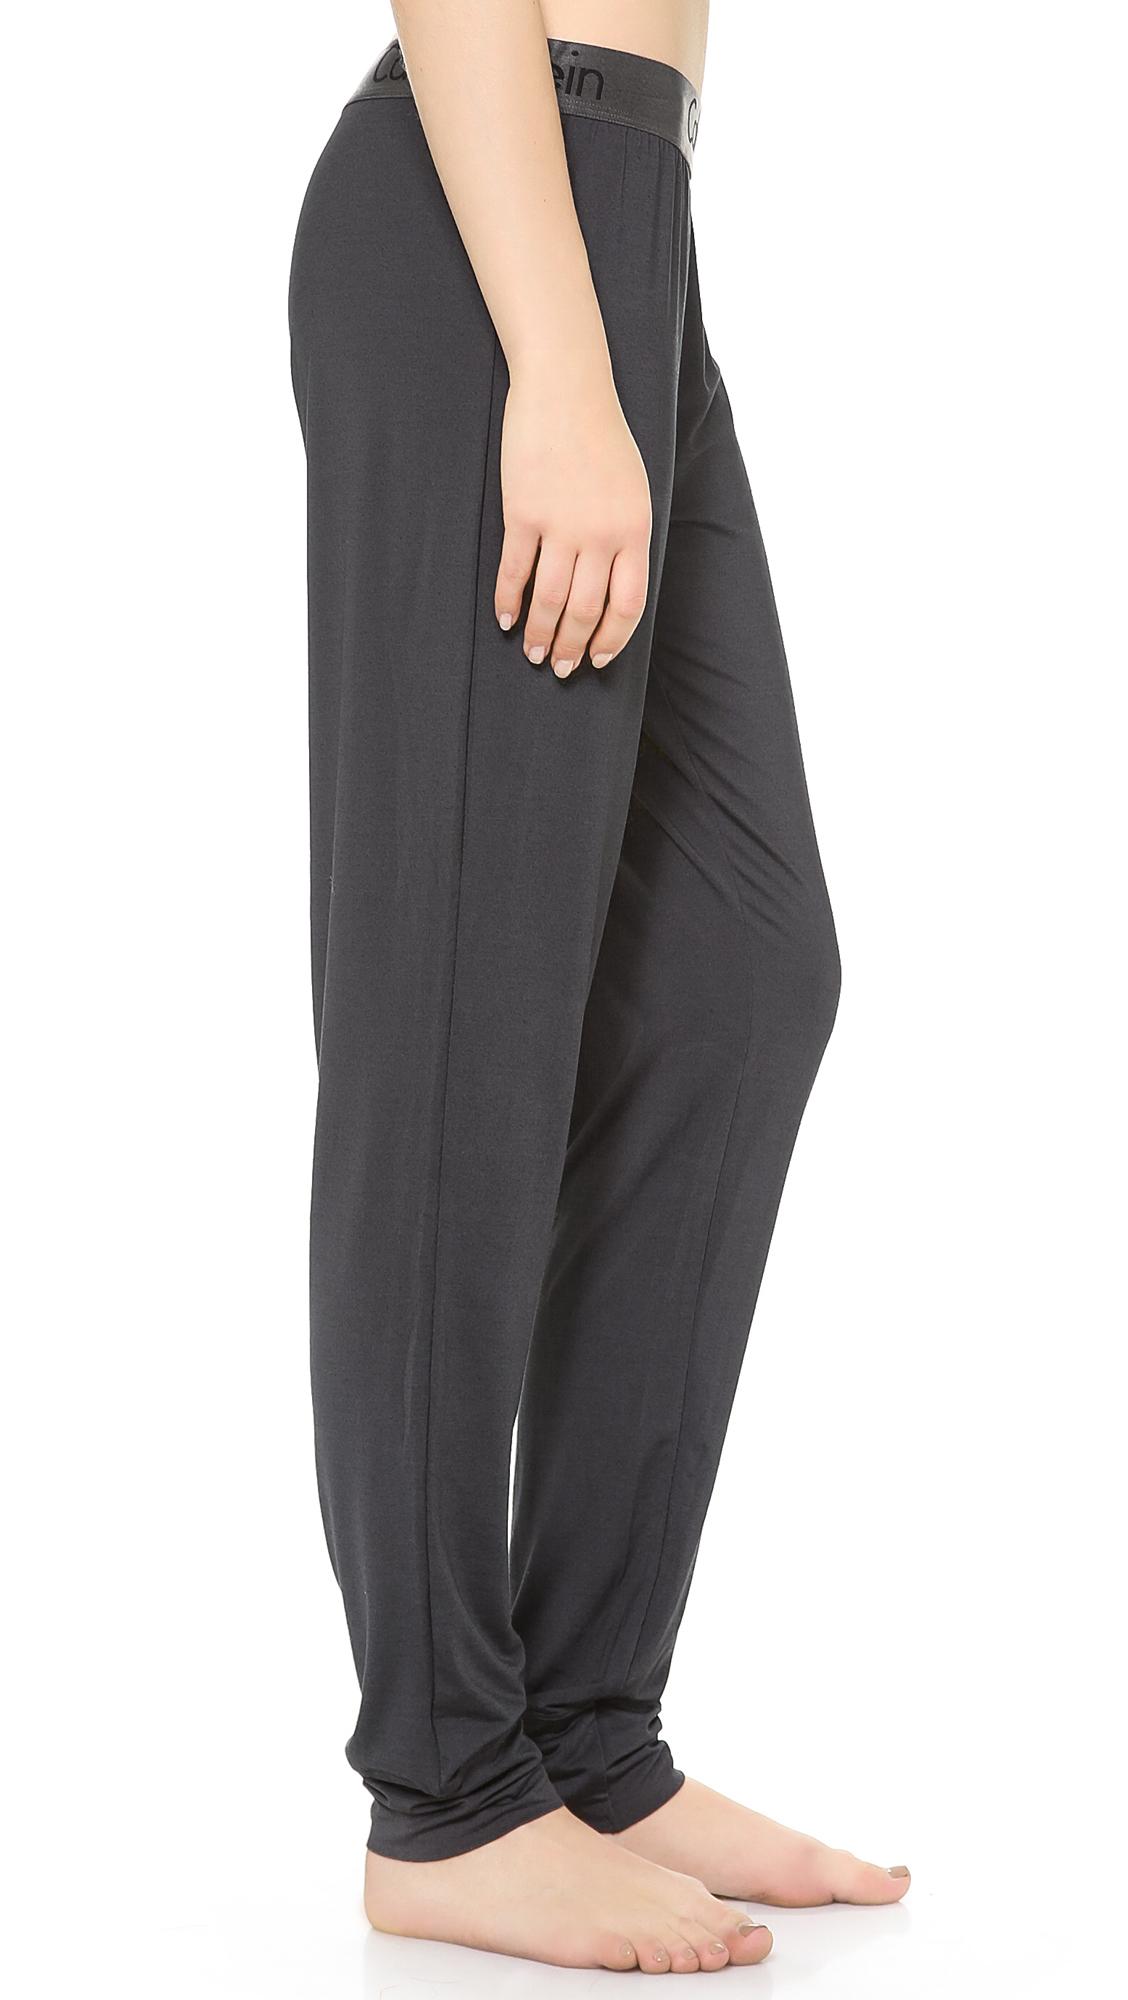 Lyst - Calvin Klein Dual Tone Pj Pants in Black